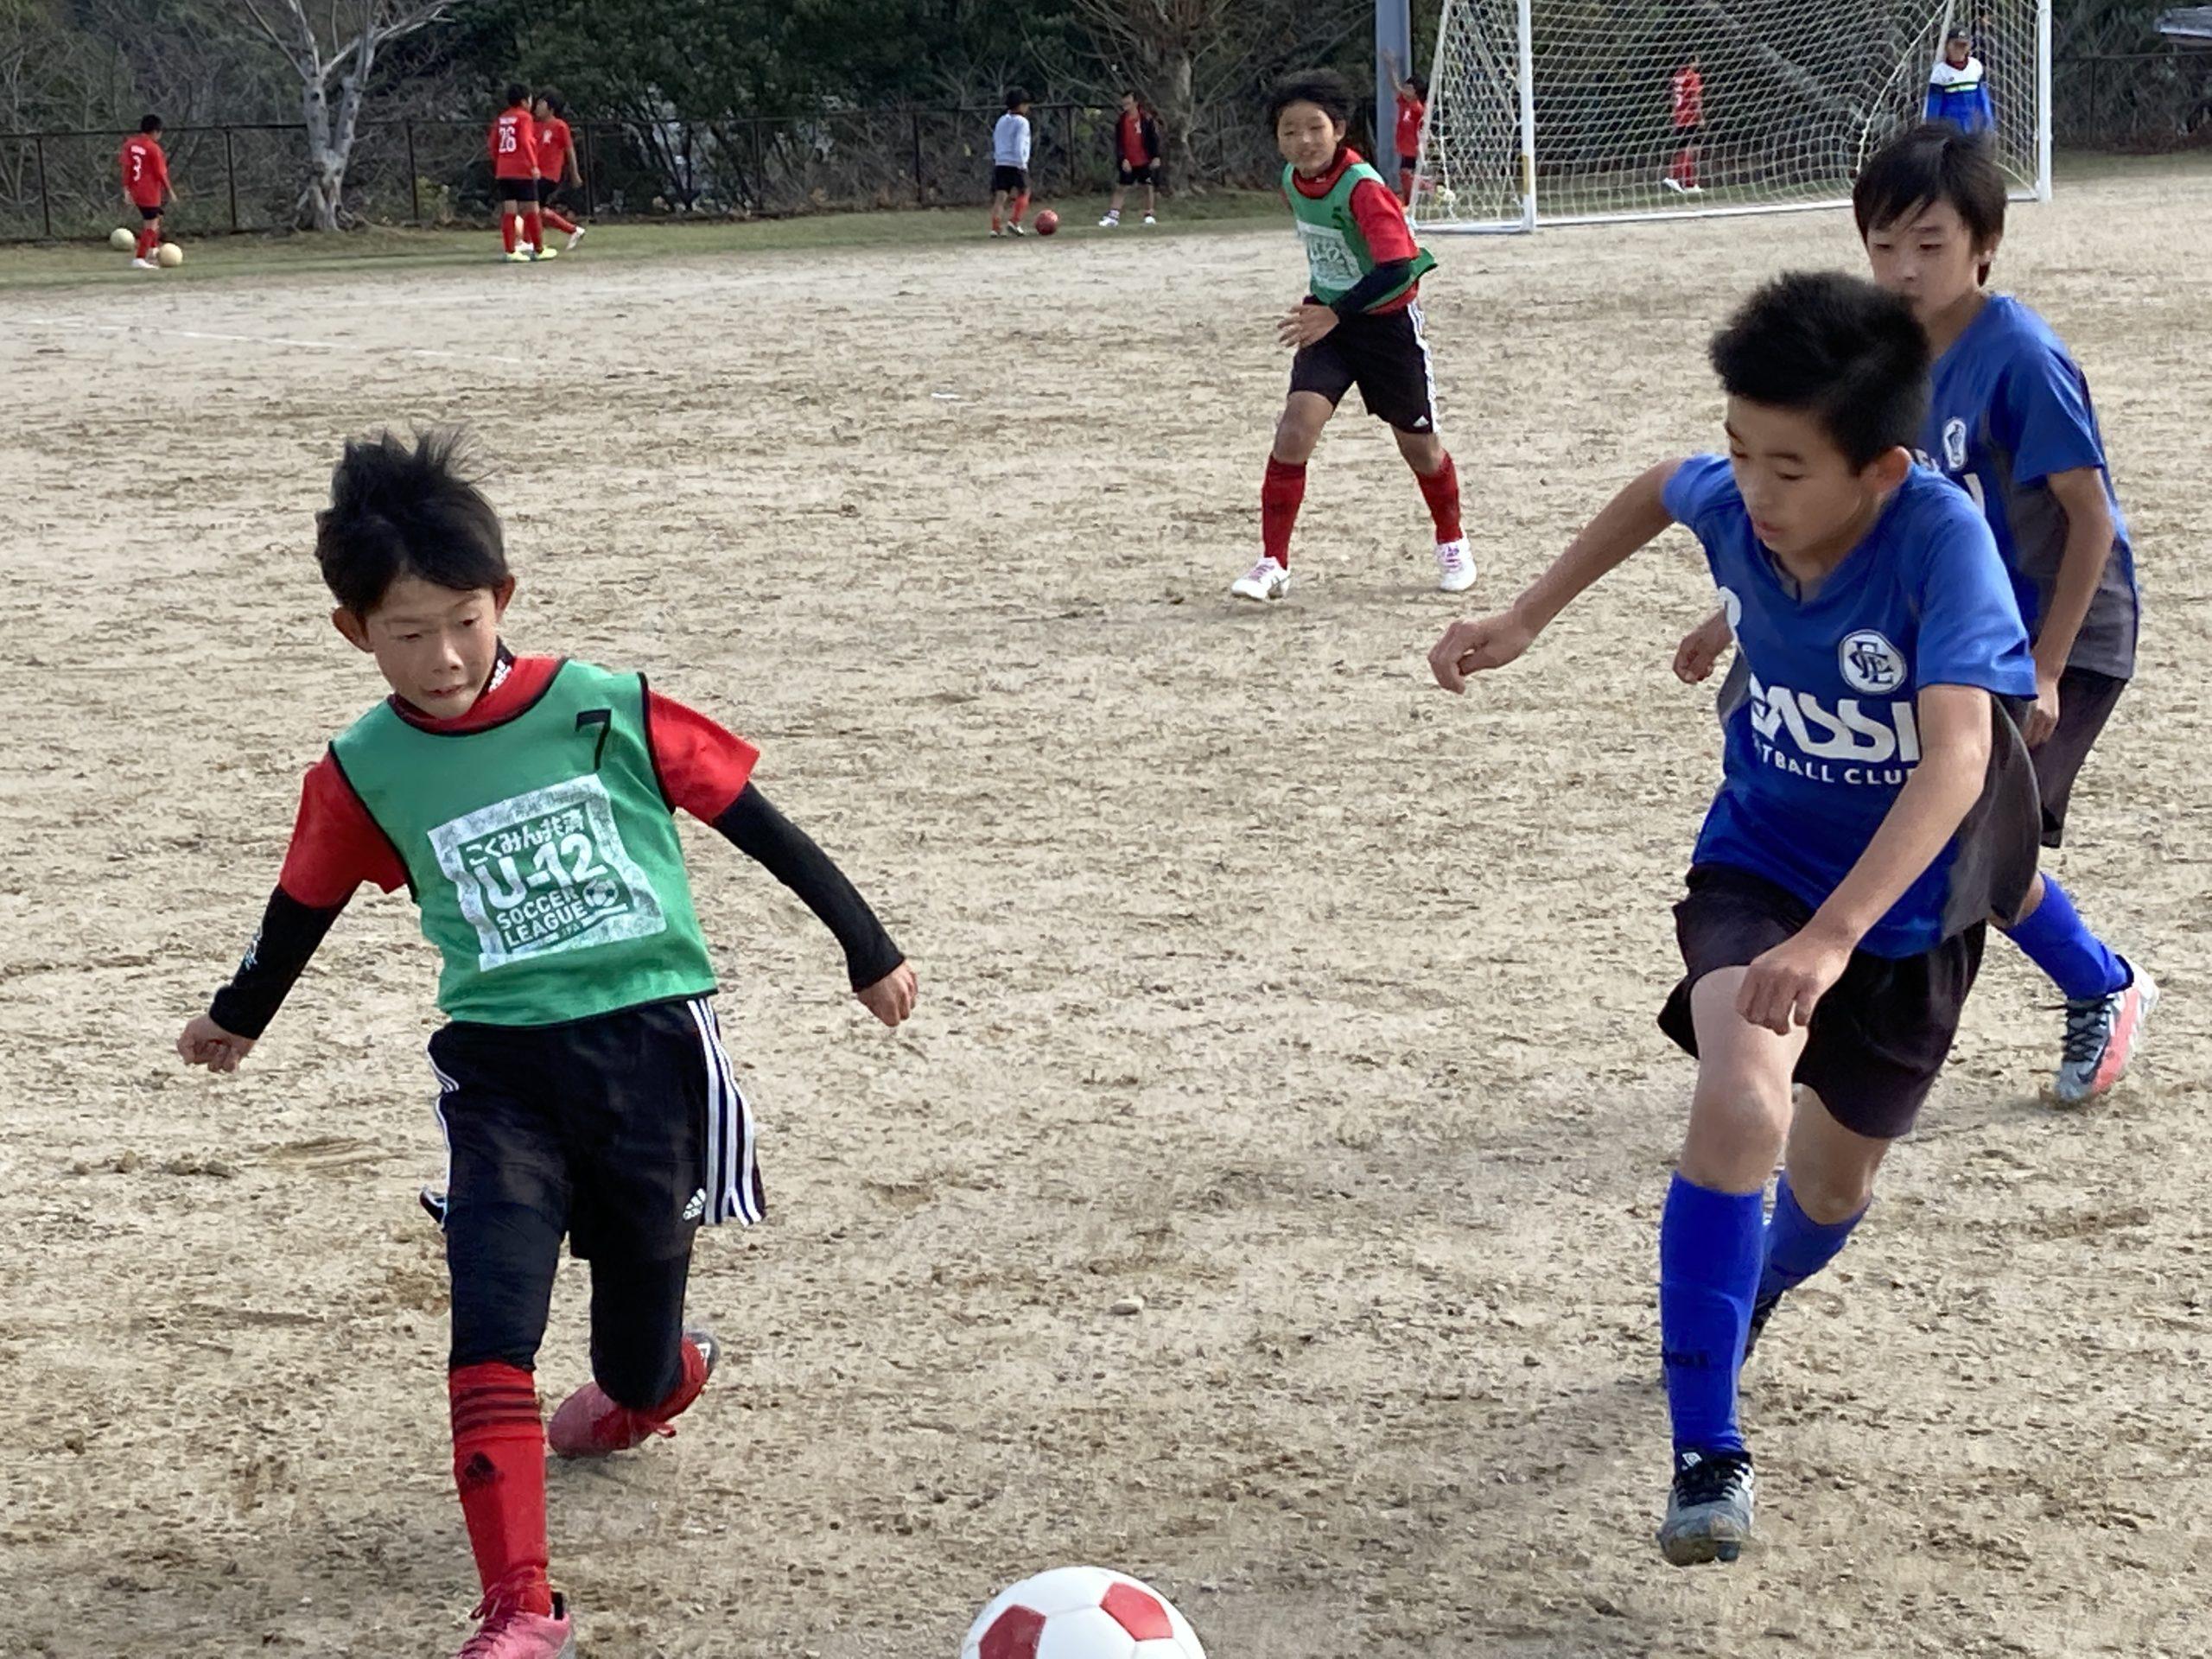 U-11 ・1st 練習試合 vs 大坪・長崎ドリーム【次のステップを踏む段階】